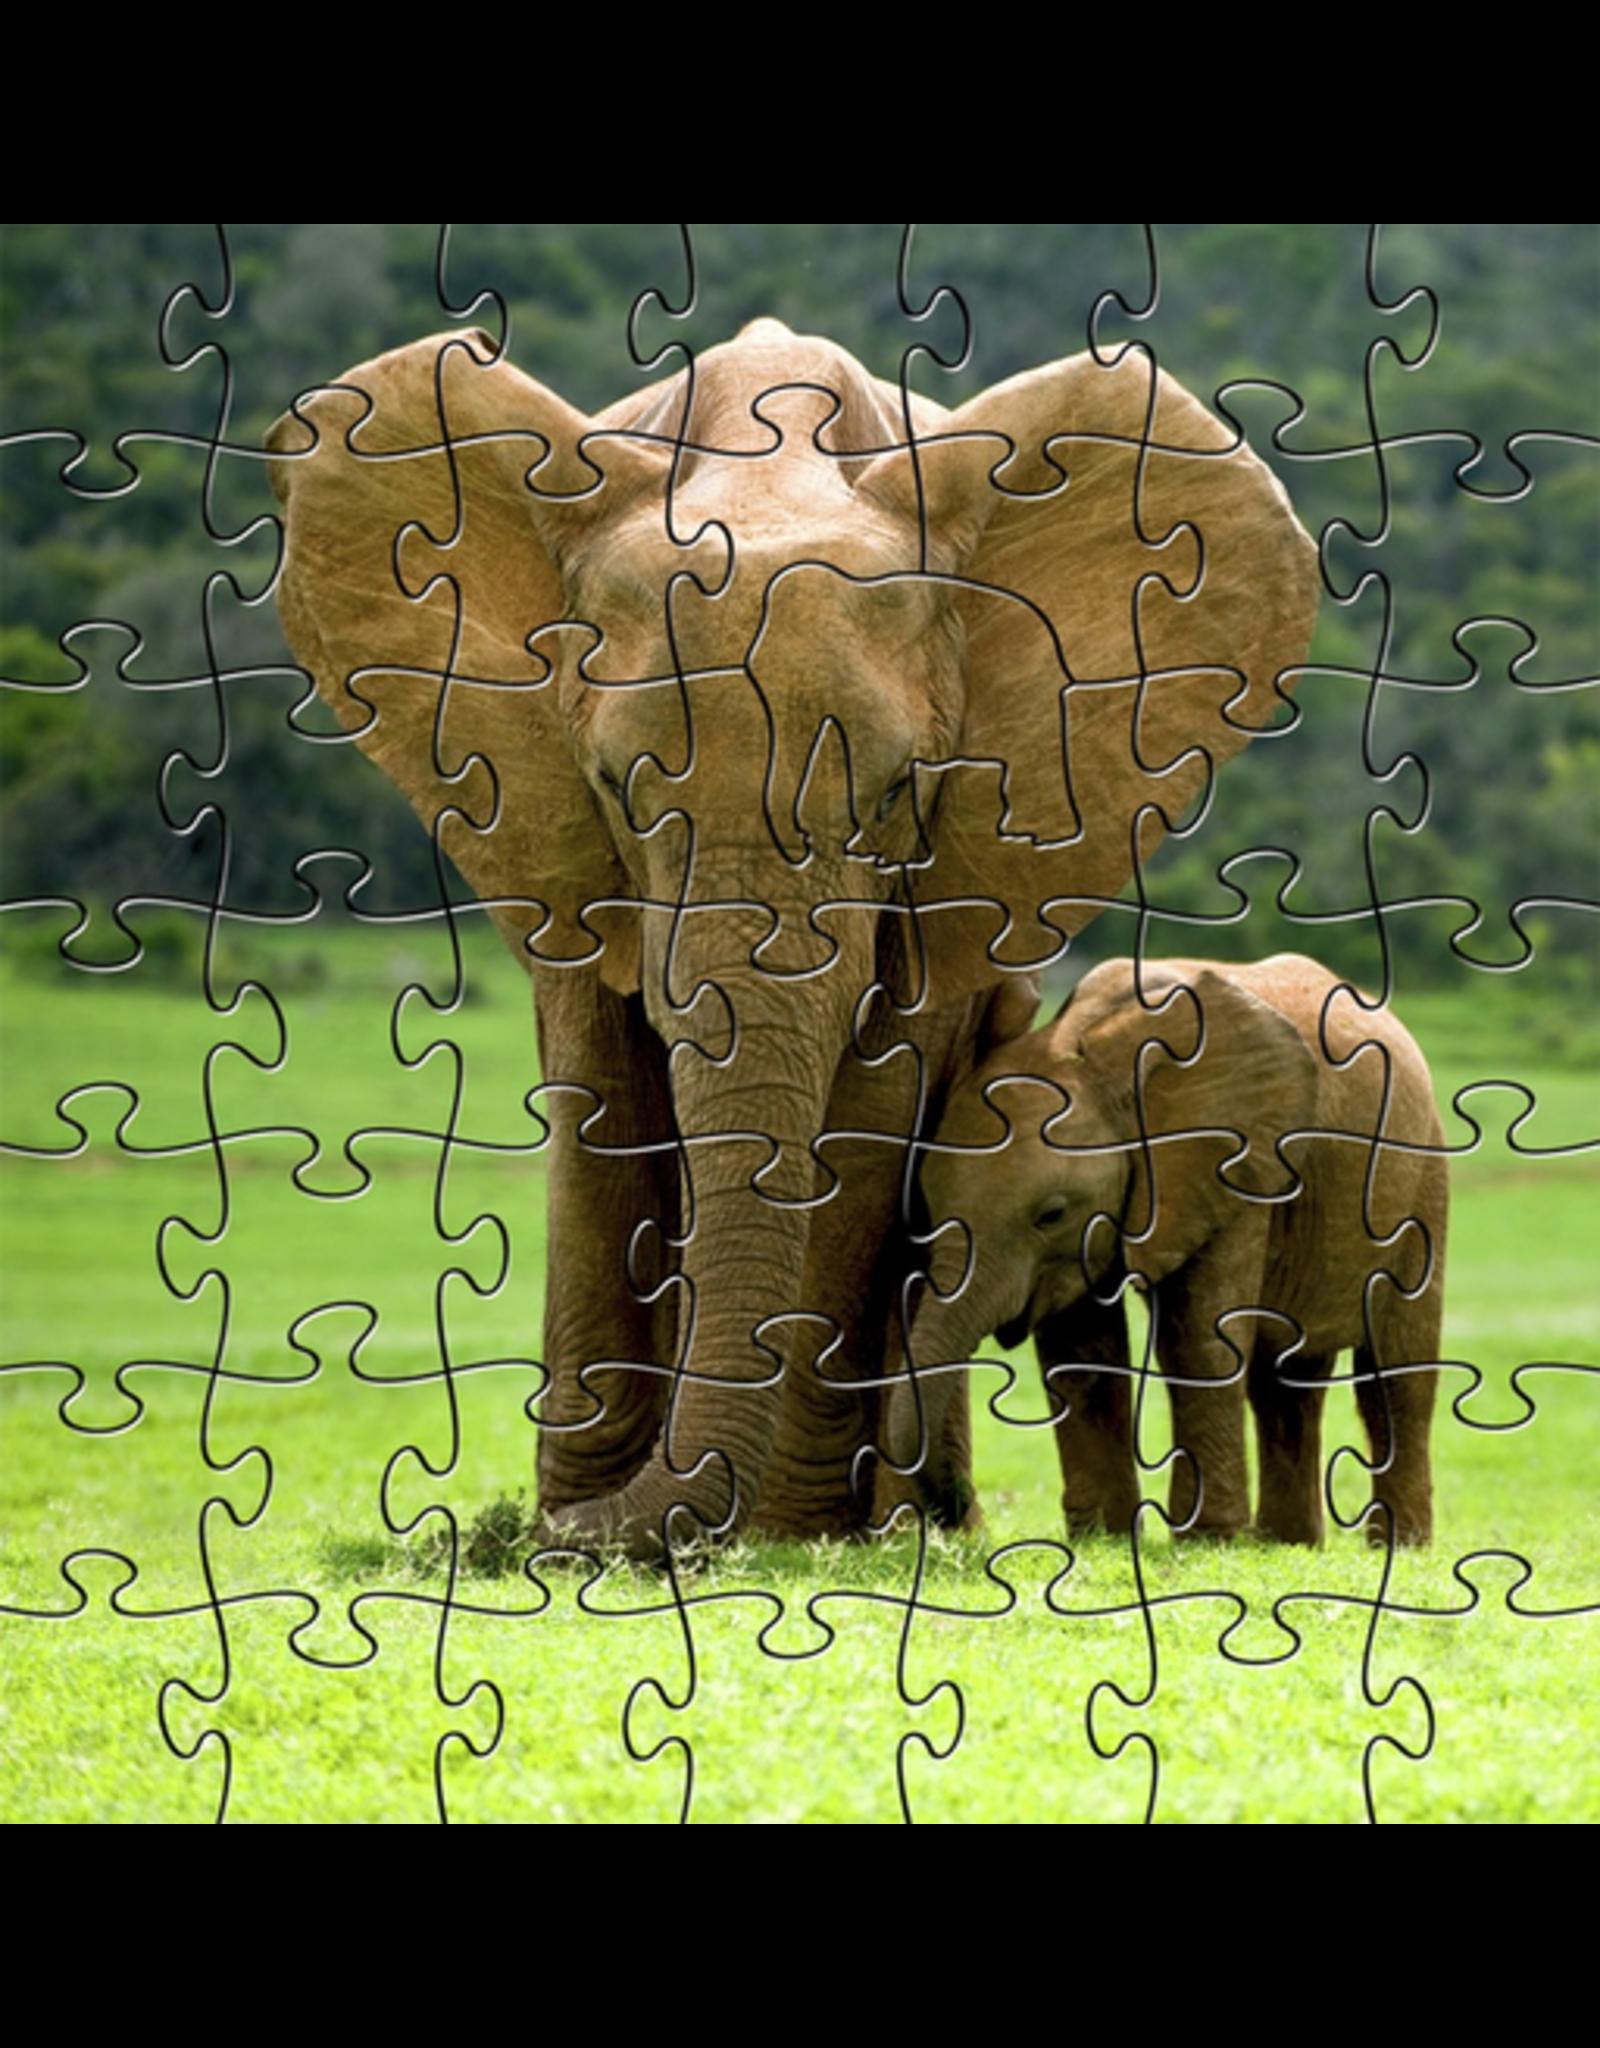 Zen Art & Design Elephants (Teaser, 50 Pieces, Artisanal Wooden Jigsaw Puzzle)